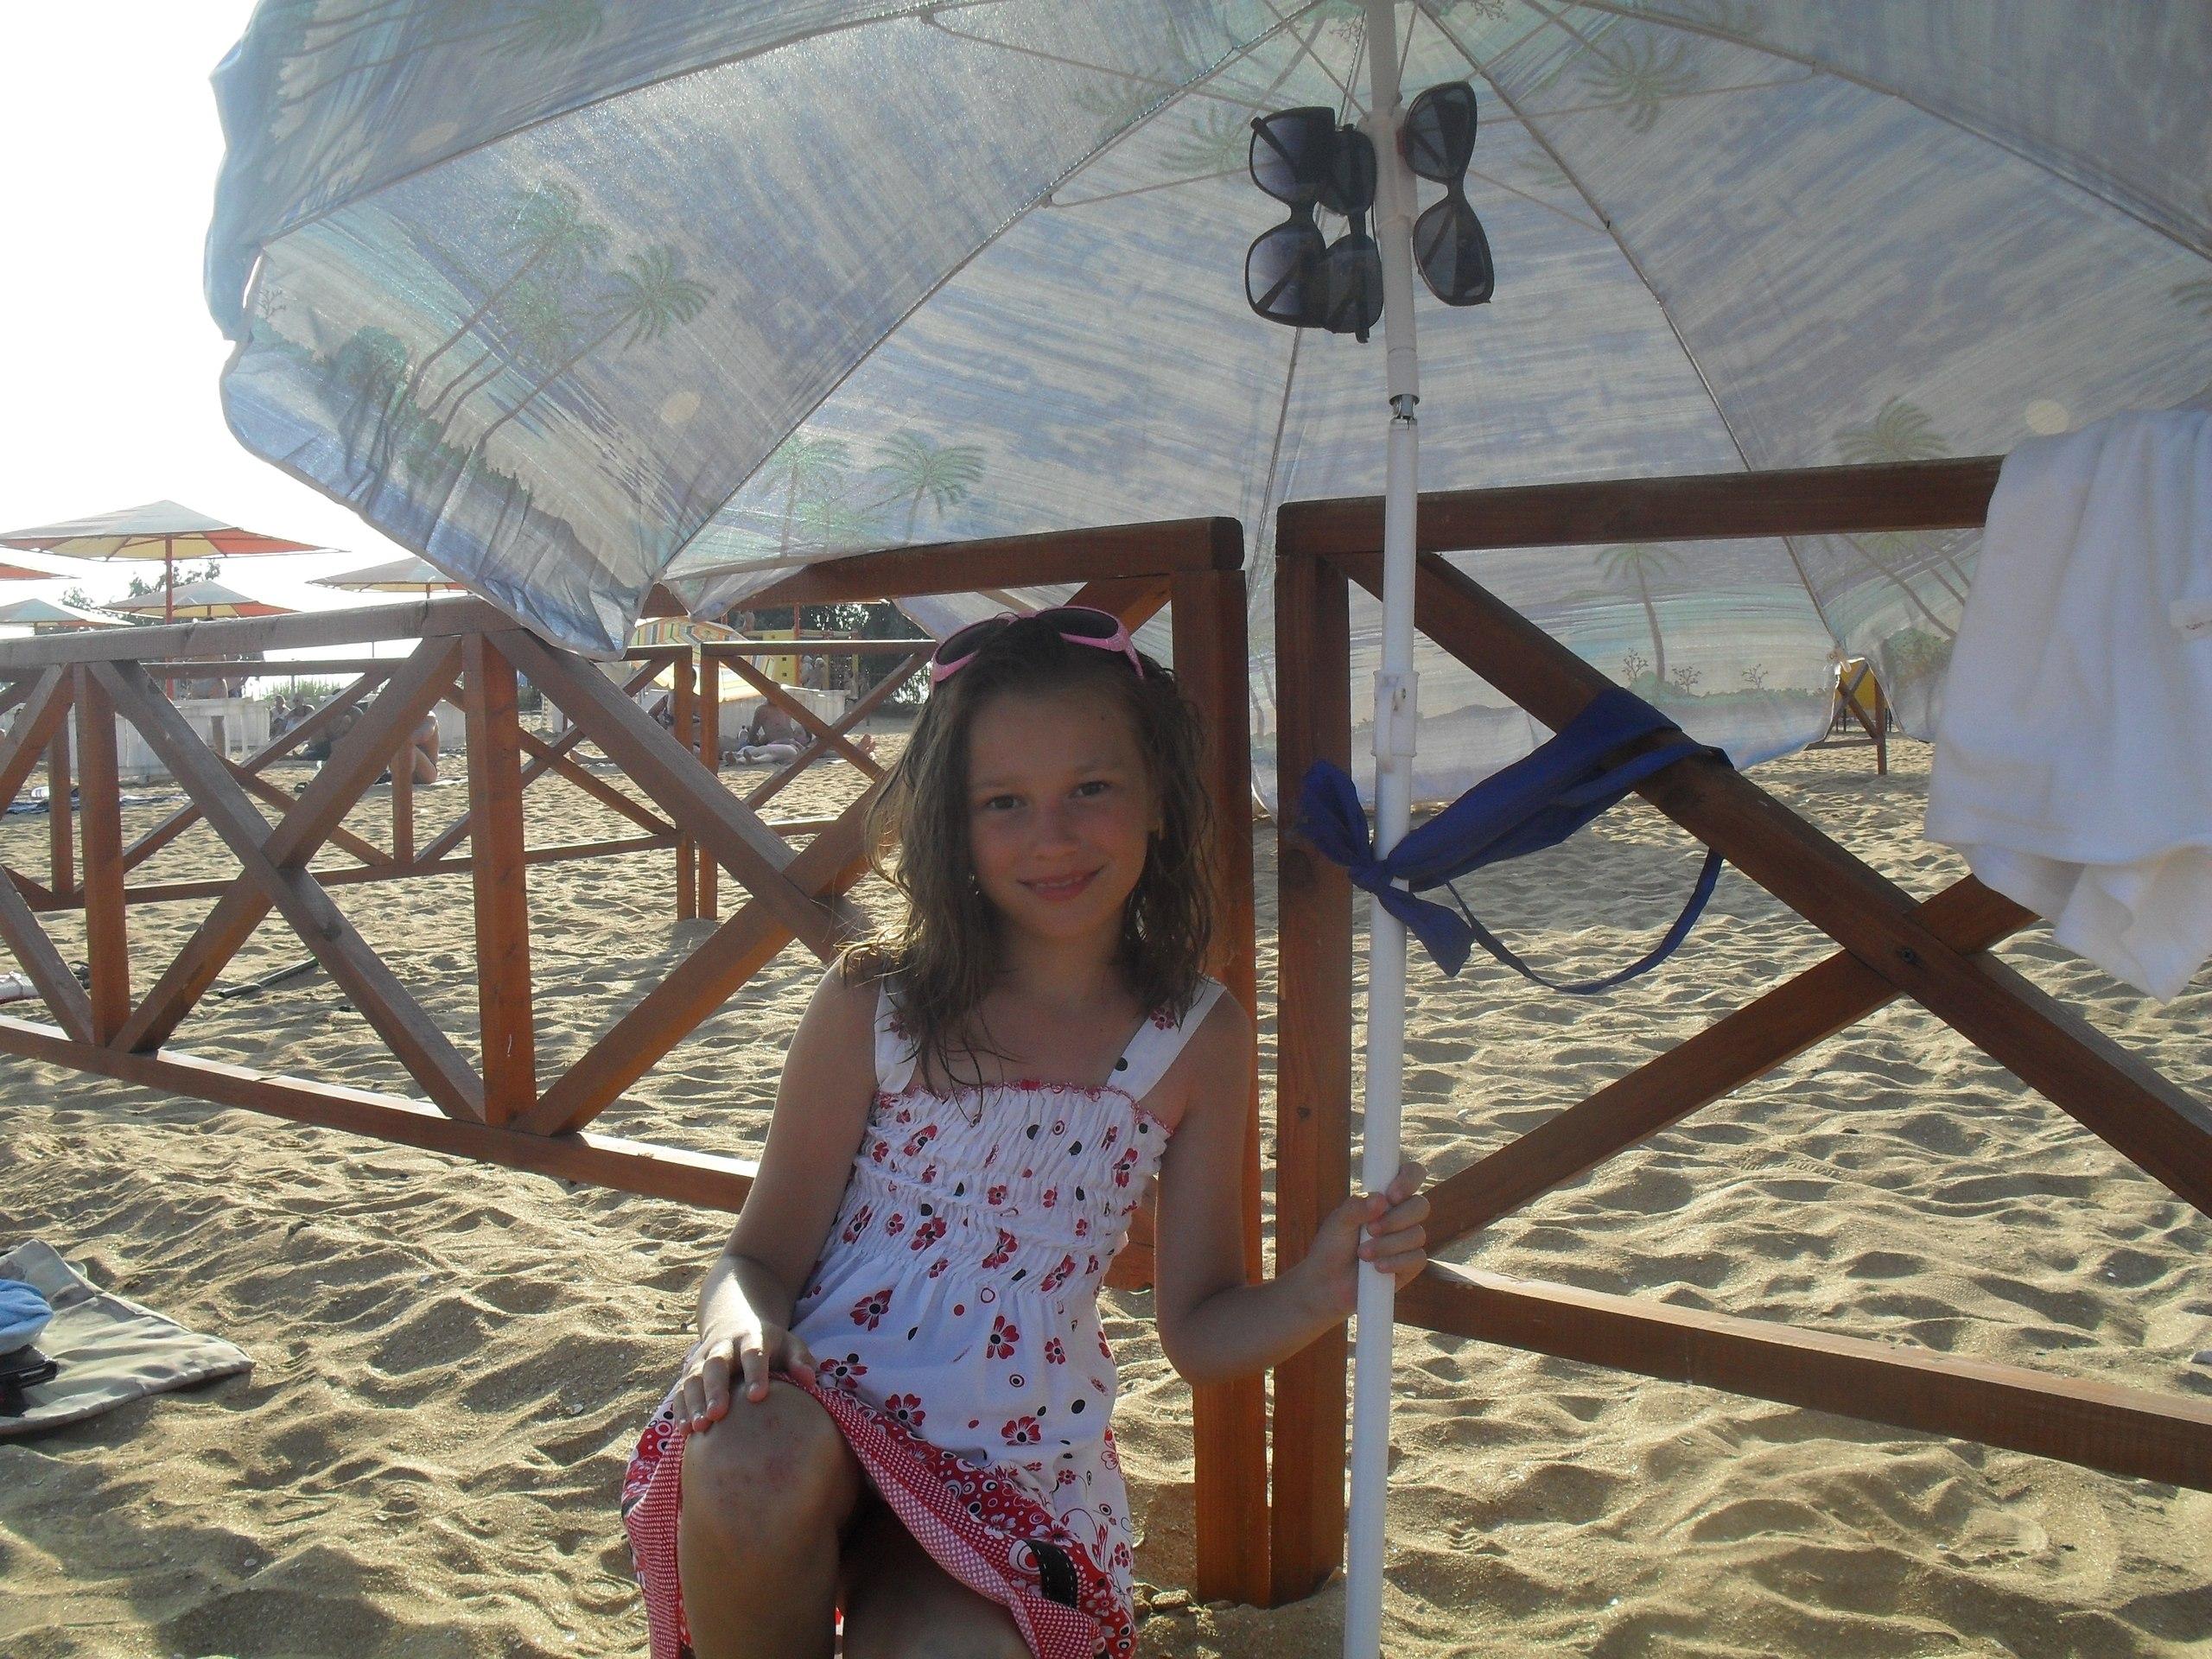 Малолетка засветила на пляже под платьем свою киску